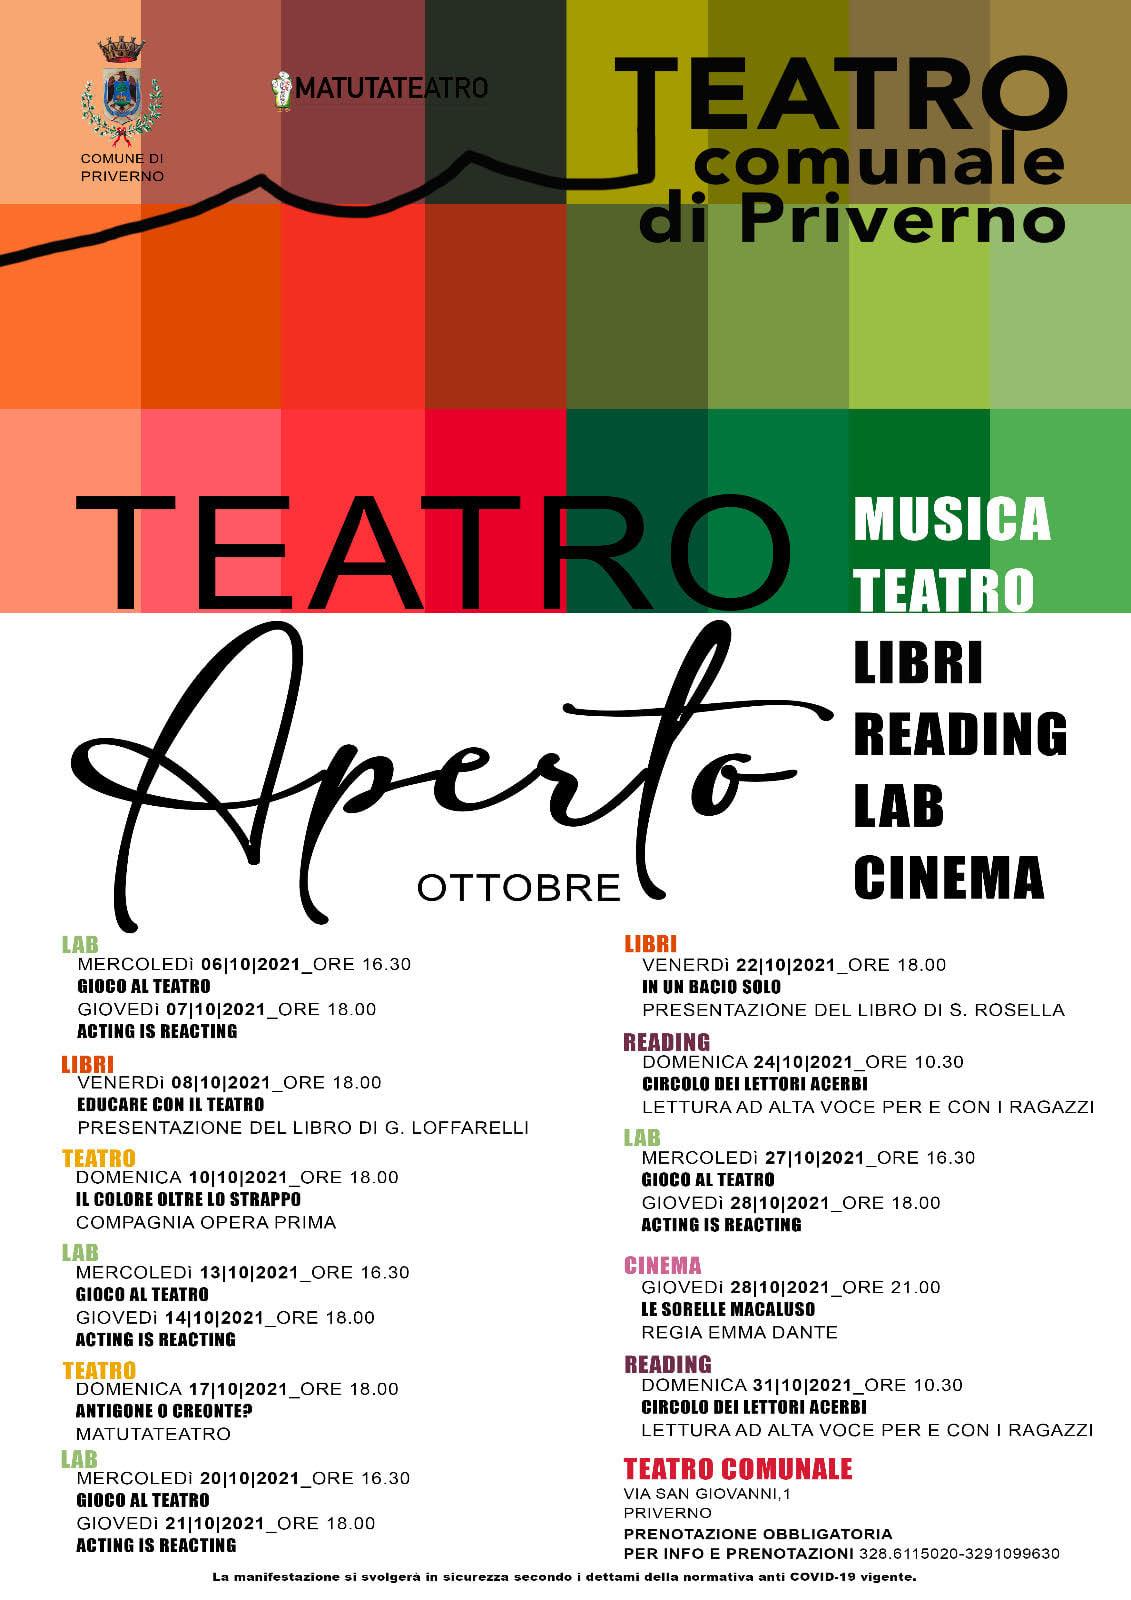 Priverno: Ottobre a Teatro @ Priverno